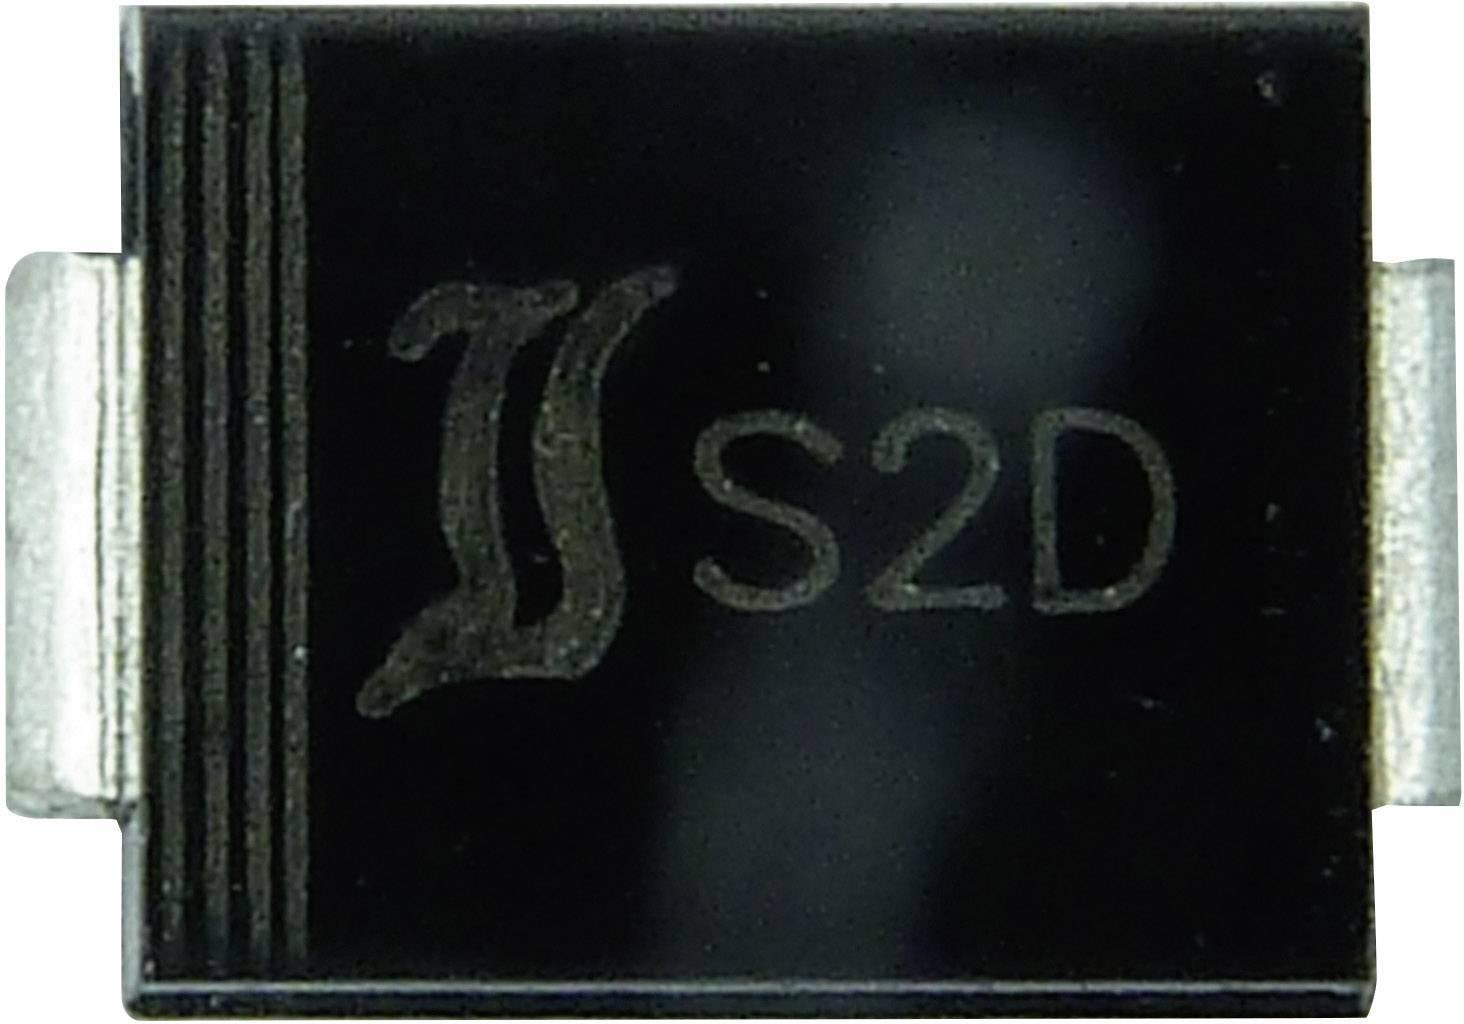 Zenerova dioda Diotec Z2SMB6.8, U(zen) 6.8 V